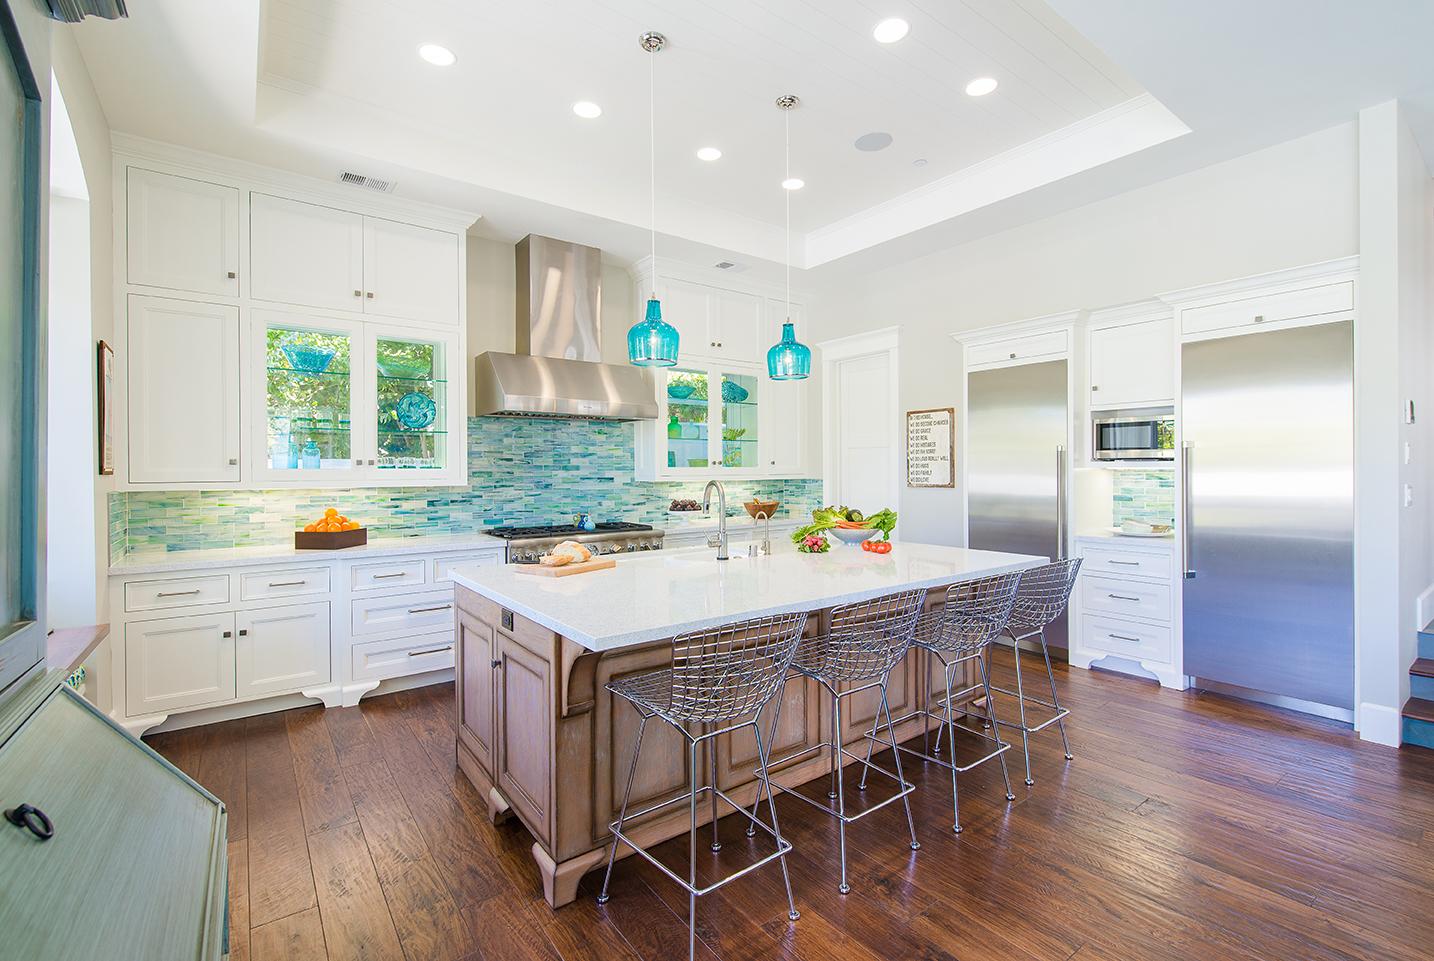 Best Kitchen Design Styles - Coastal